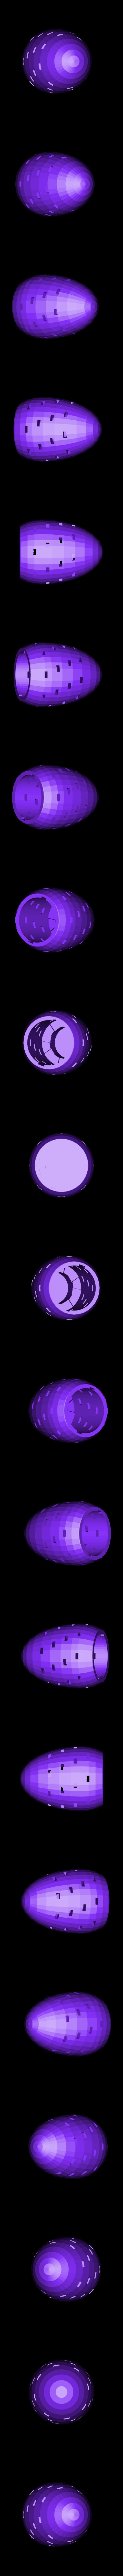 """PartySnapGrenade-body.stl Télécharger fichier STL gratuit """"Party Snap"""" Grenade • Objet pour impression 3D, dacinator"""